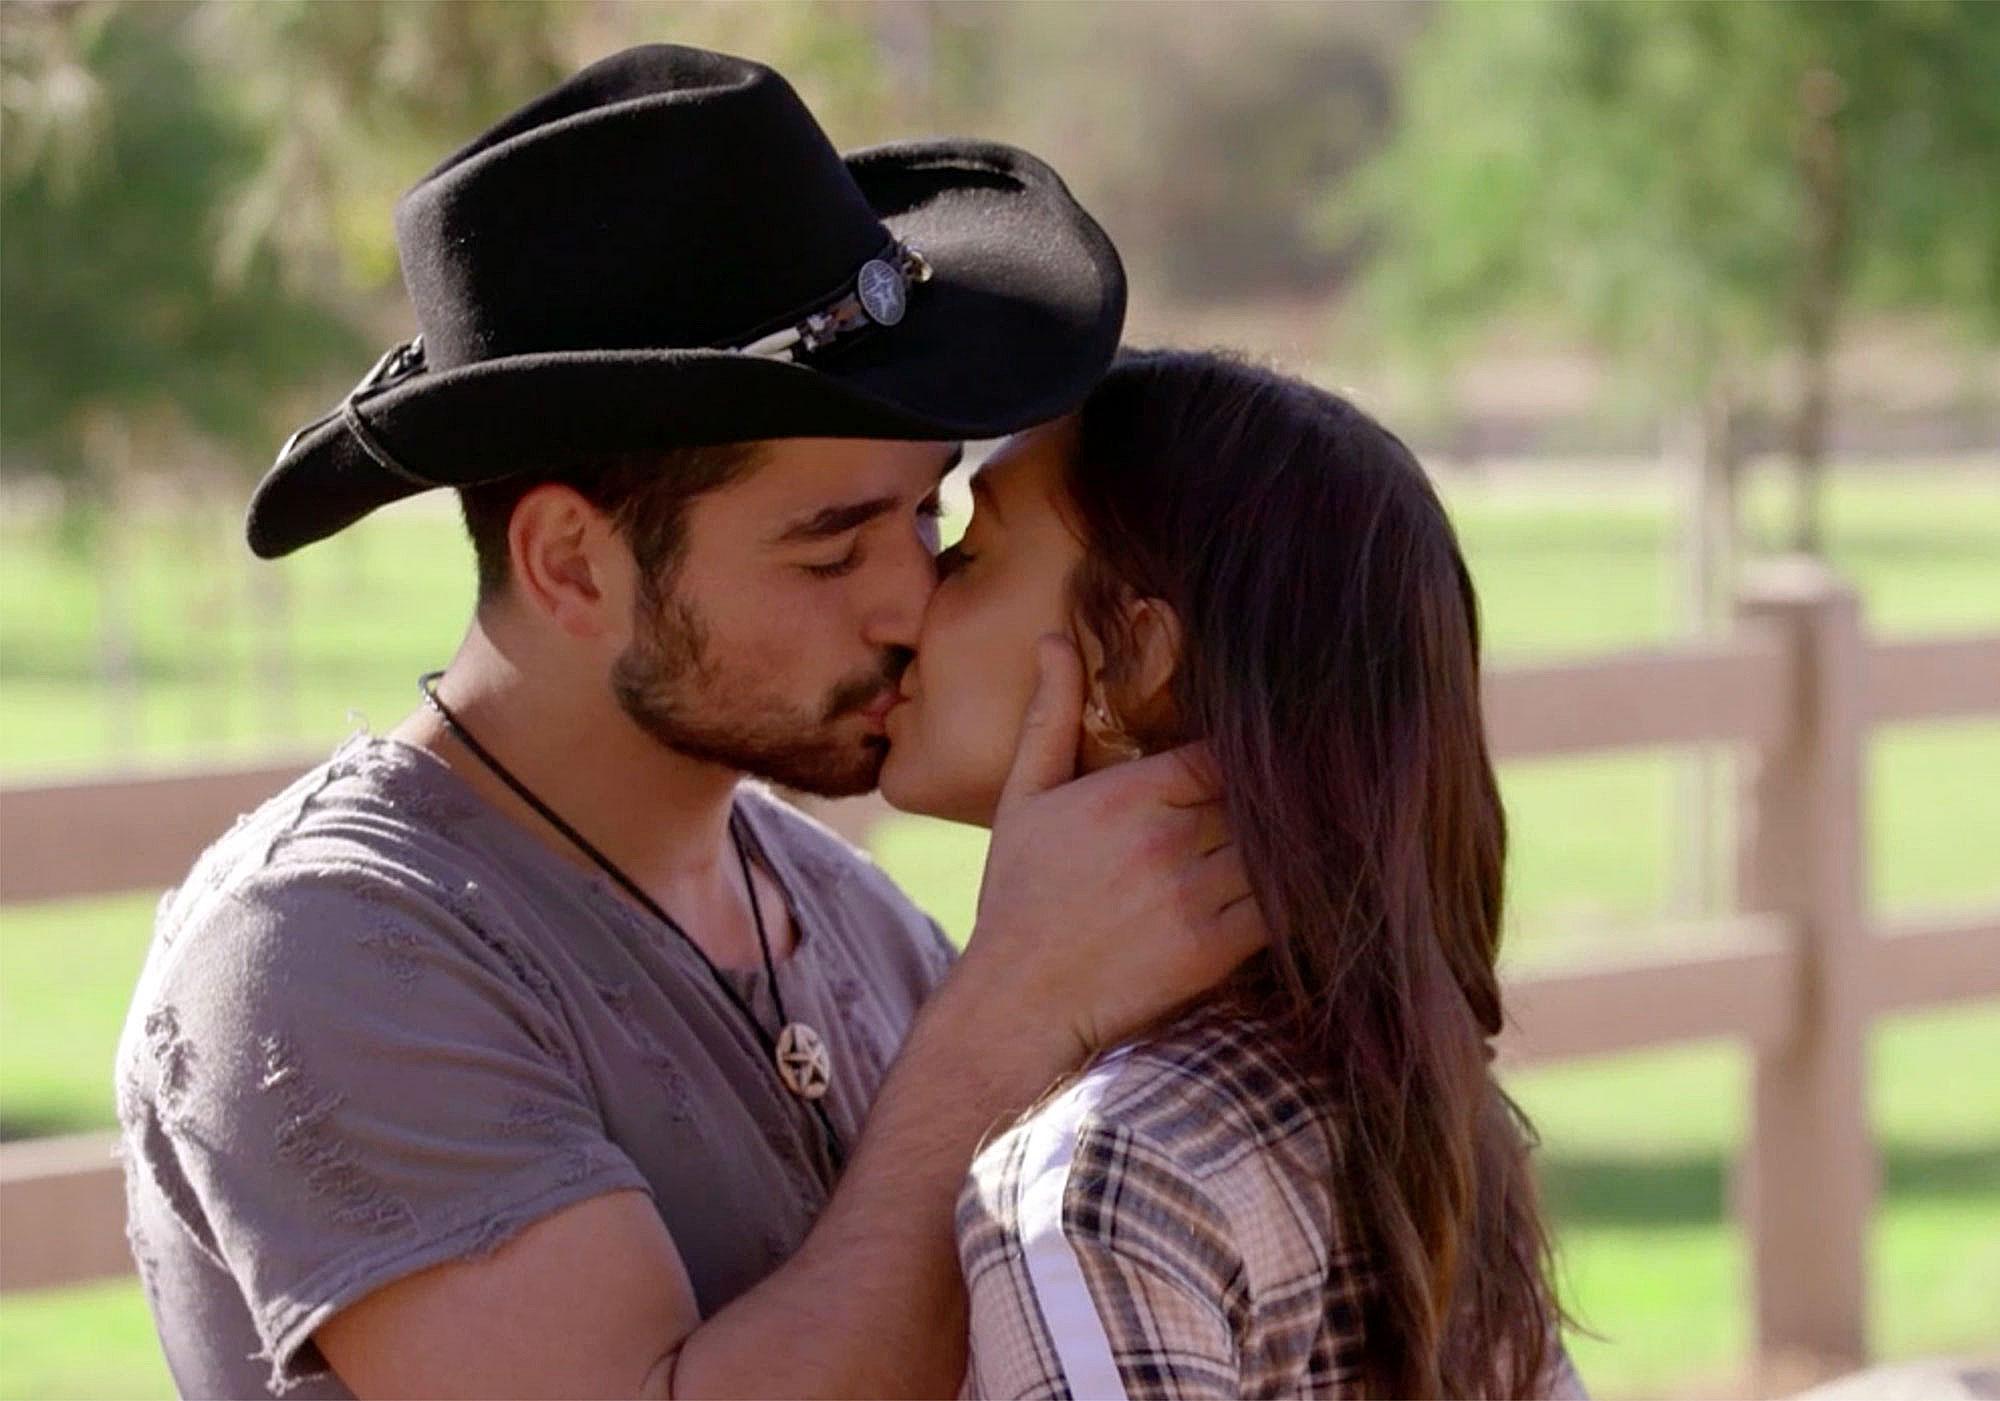 Alan Bersten kisses partner Alexis Ren